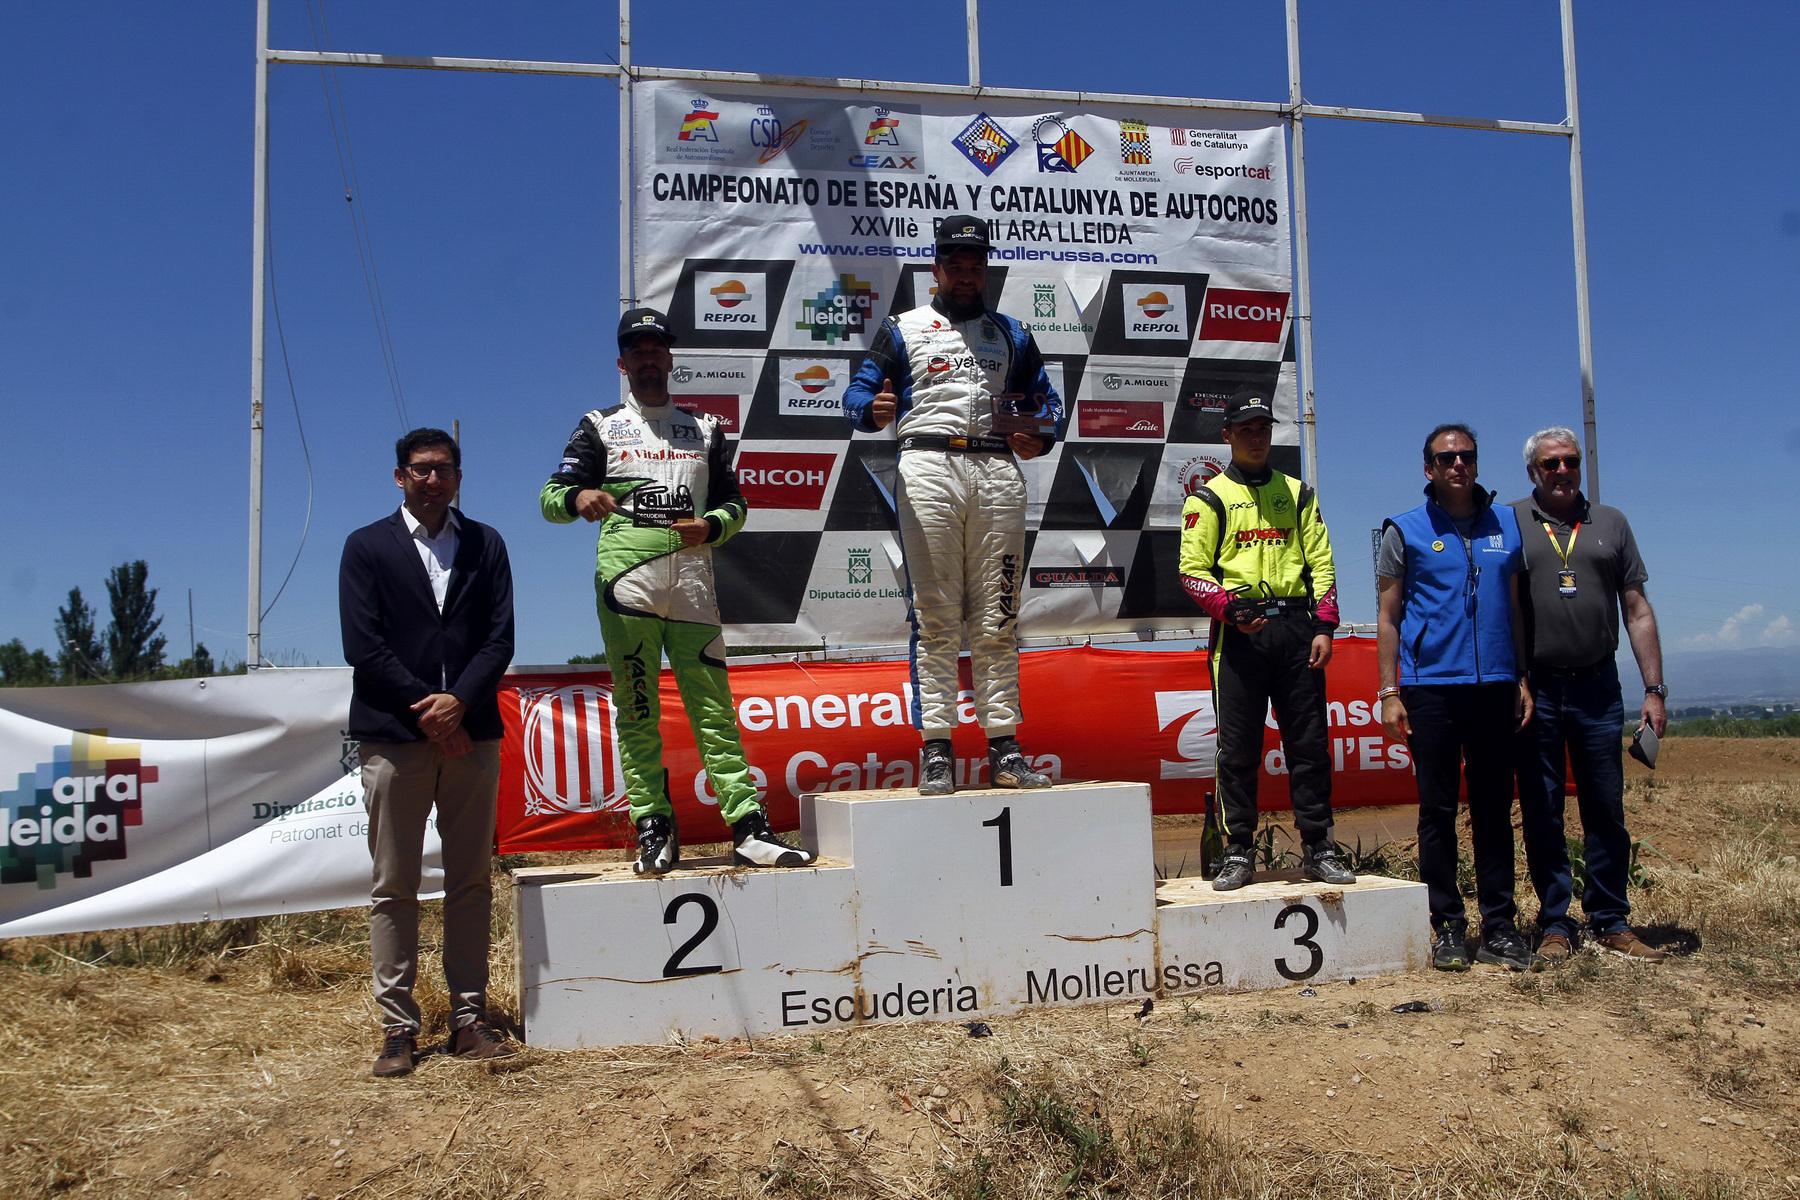 YacarRacing_AutocrossAraLleida2019_Final_PodioCarcrossPromocion